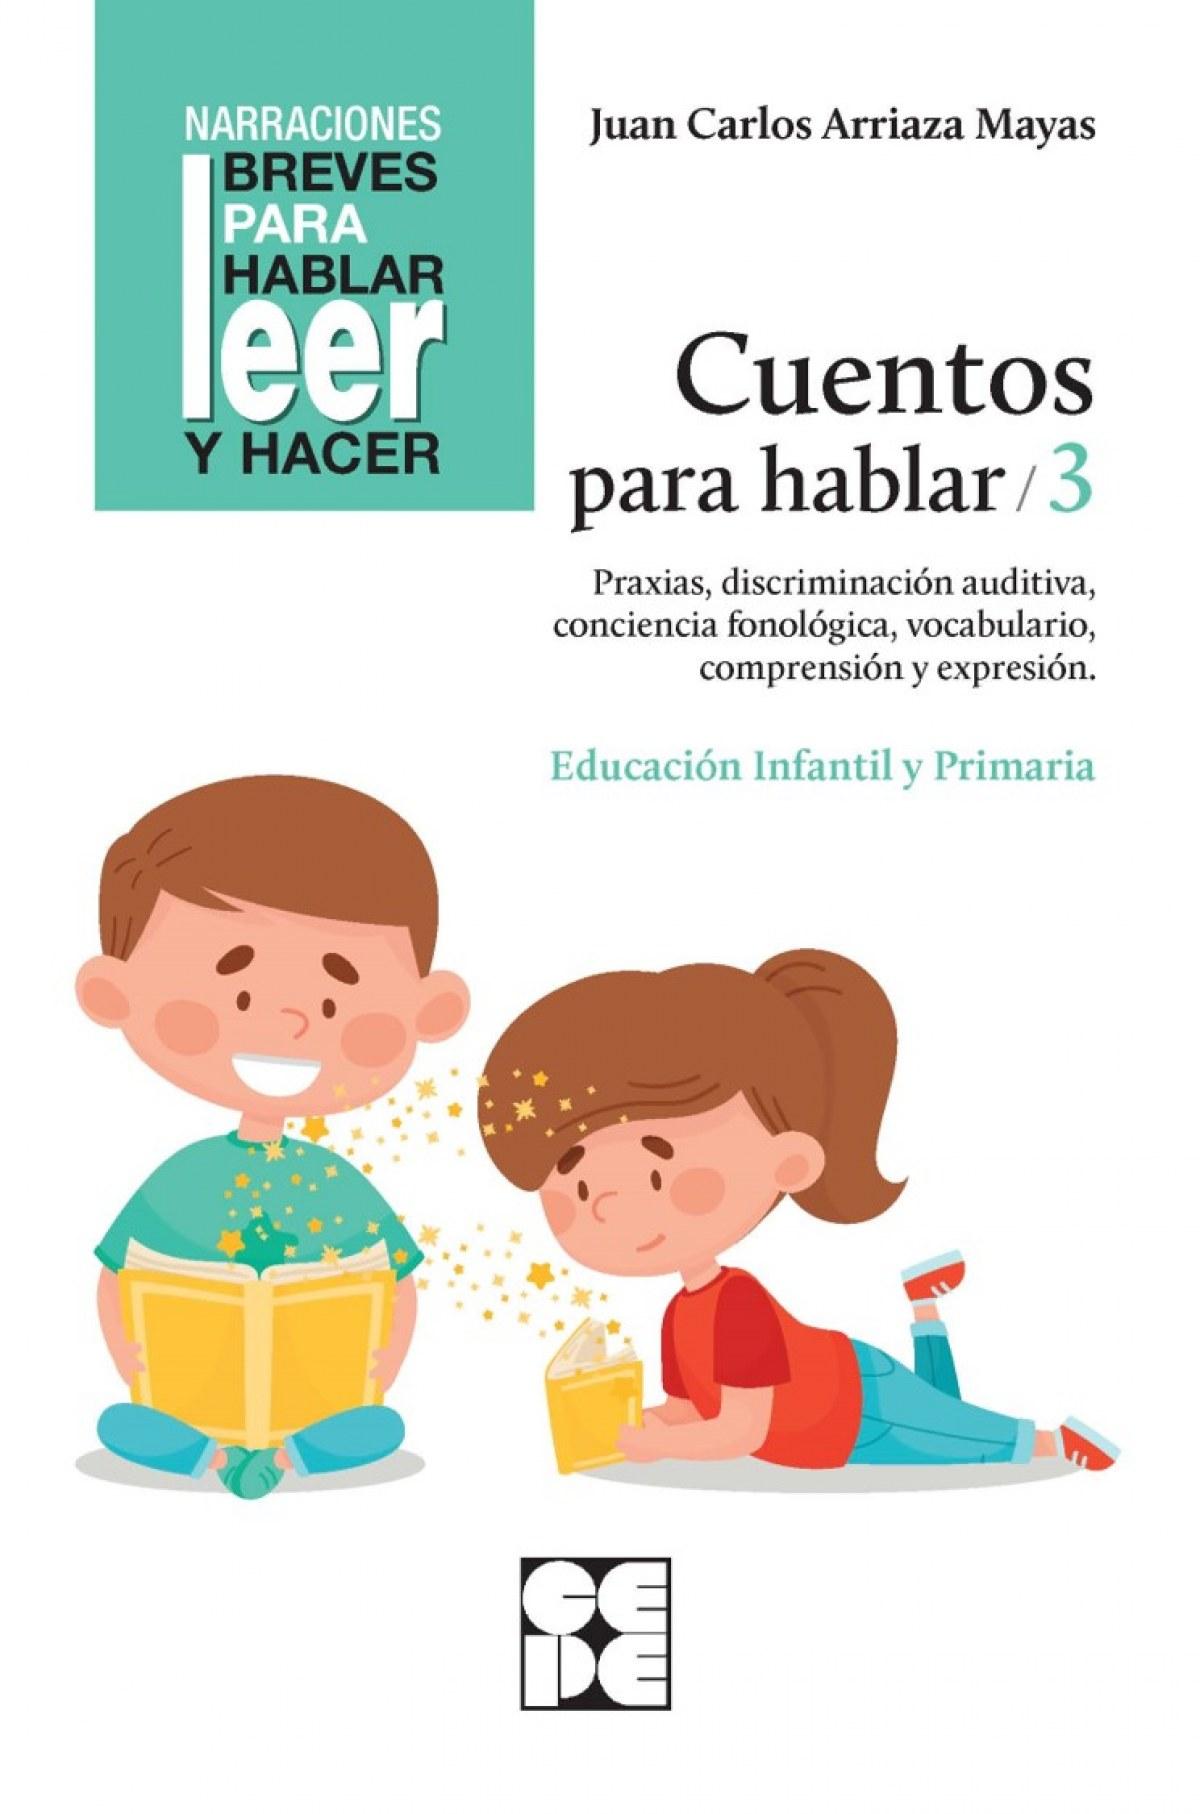 Cuentos para hablar 3. Estimulación del lenguaje oral: praxias, ritmos, vocabulario, comprensión y expresión